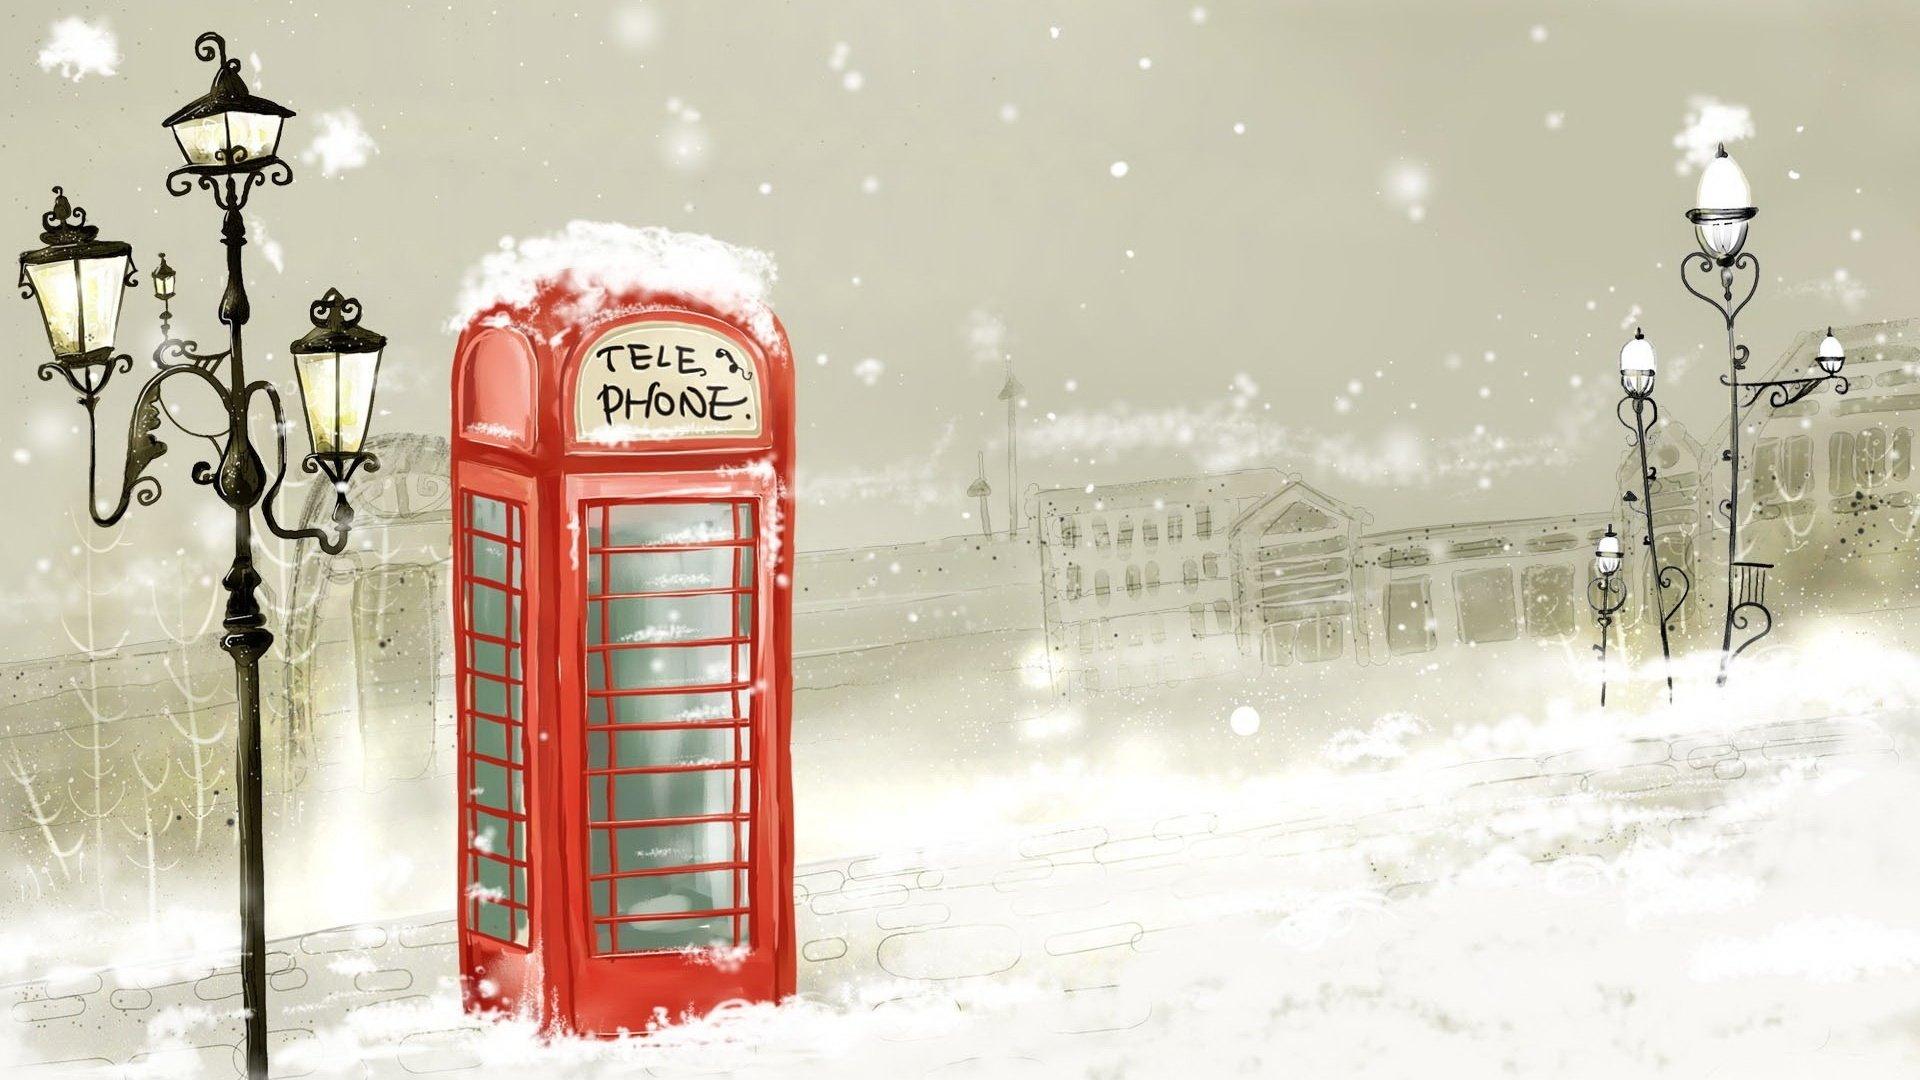 дуэт зима картинки обои на телефон озимых зерновых яровых